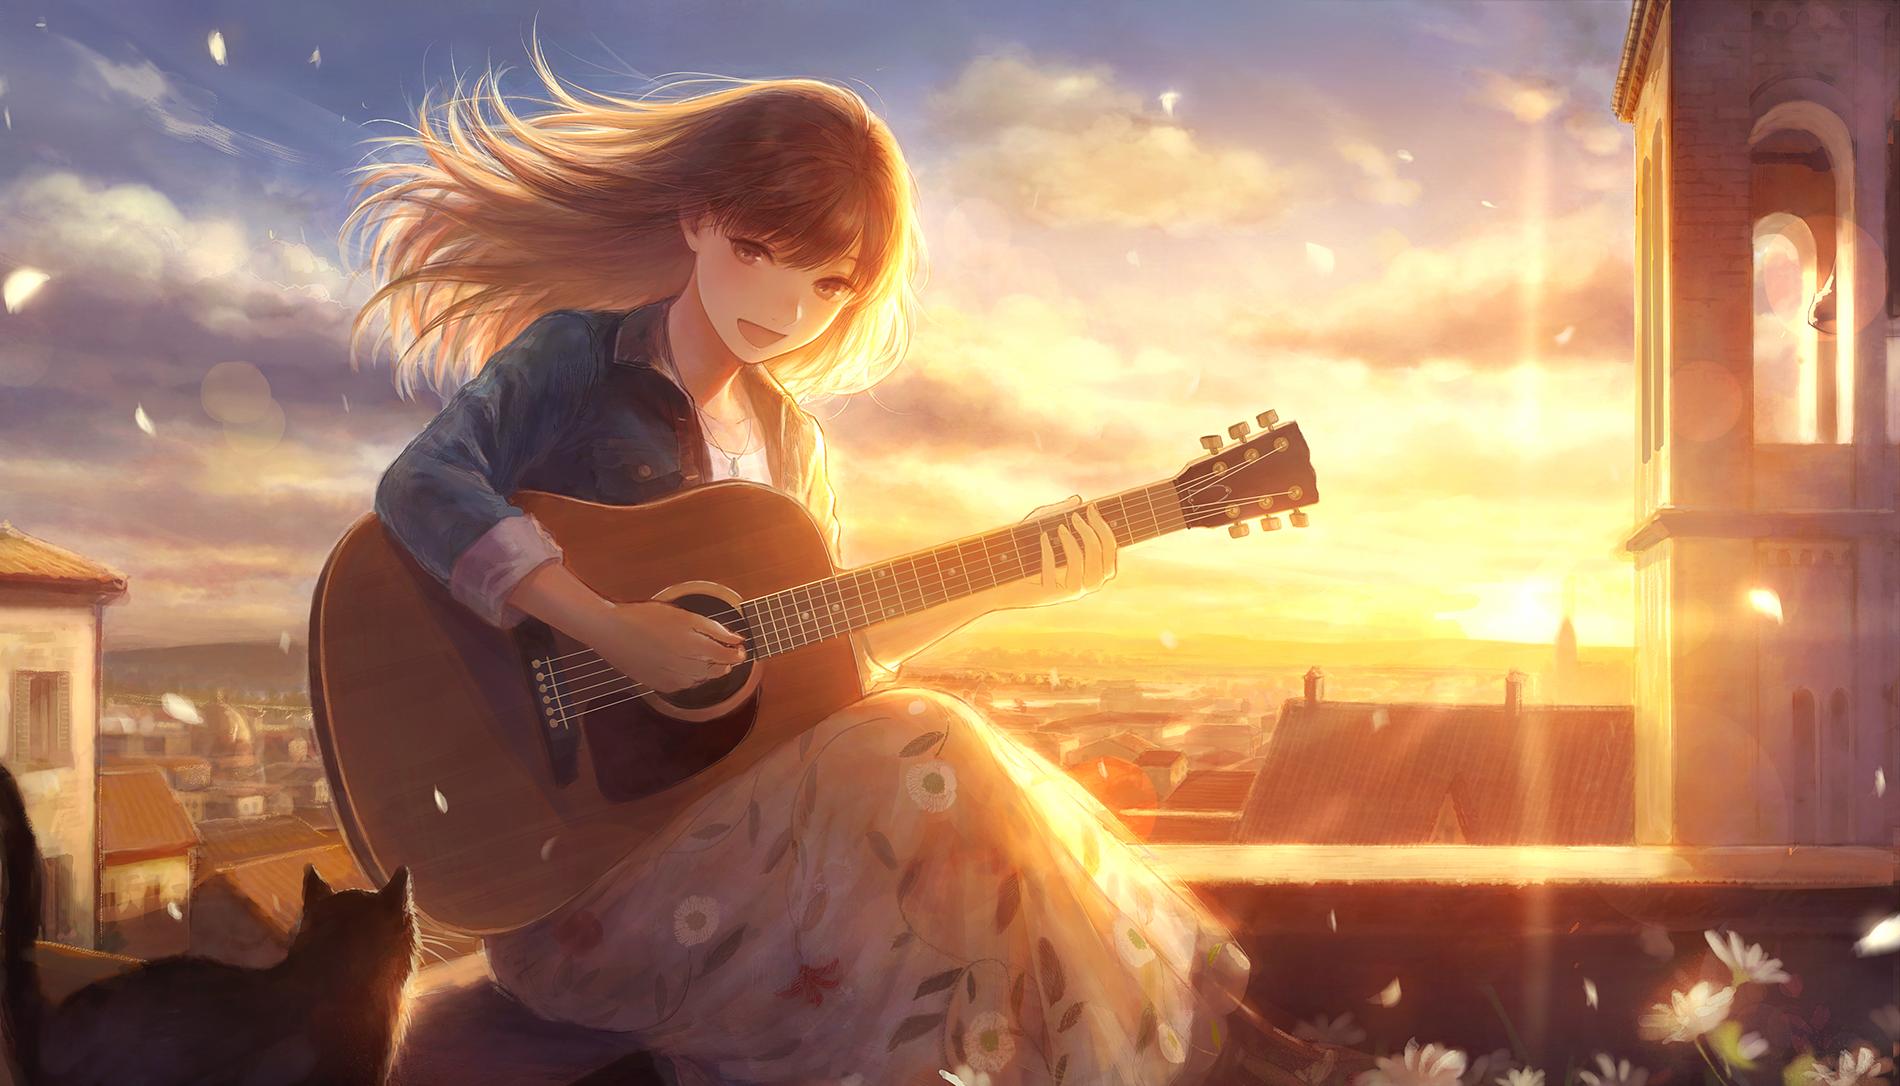 Anime Original Guitar Cat Girl Brown Hair Skirt Sunset Town Long Hair Smile Wallpaper Anime Music Anime Guitar Girl